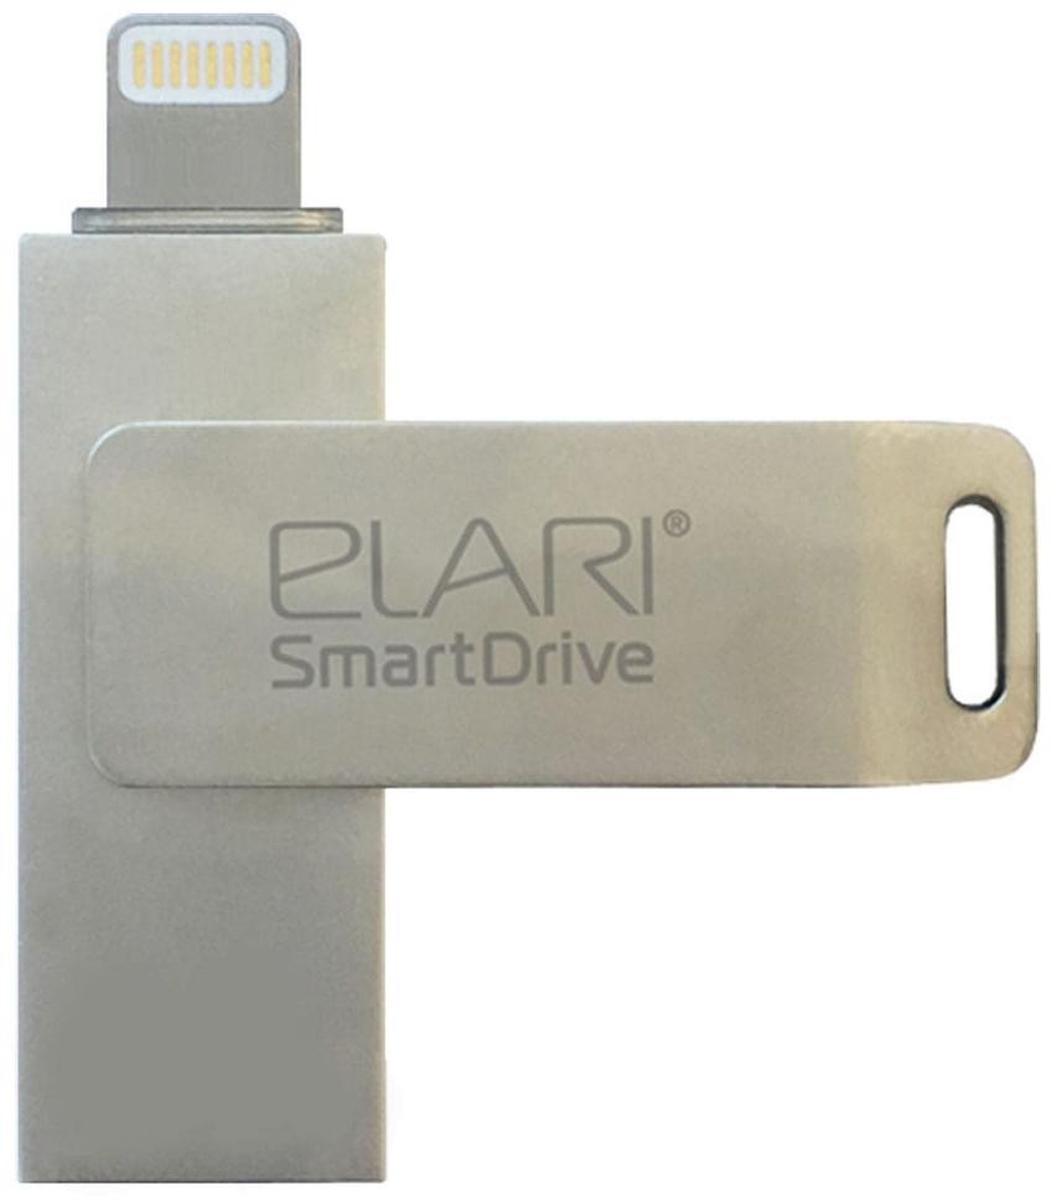 Elari SmartDrive 16GB, Gold флеш-накопитель цена и фото